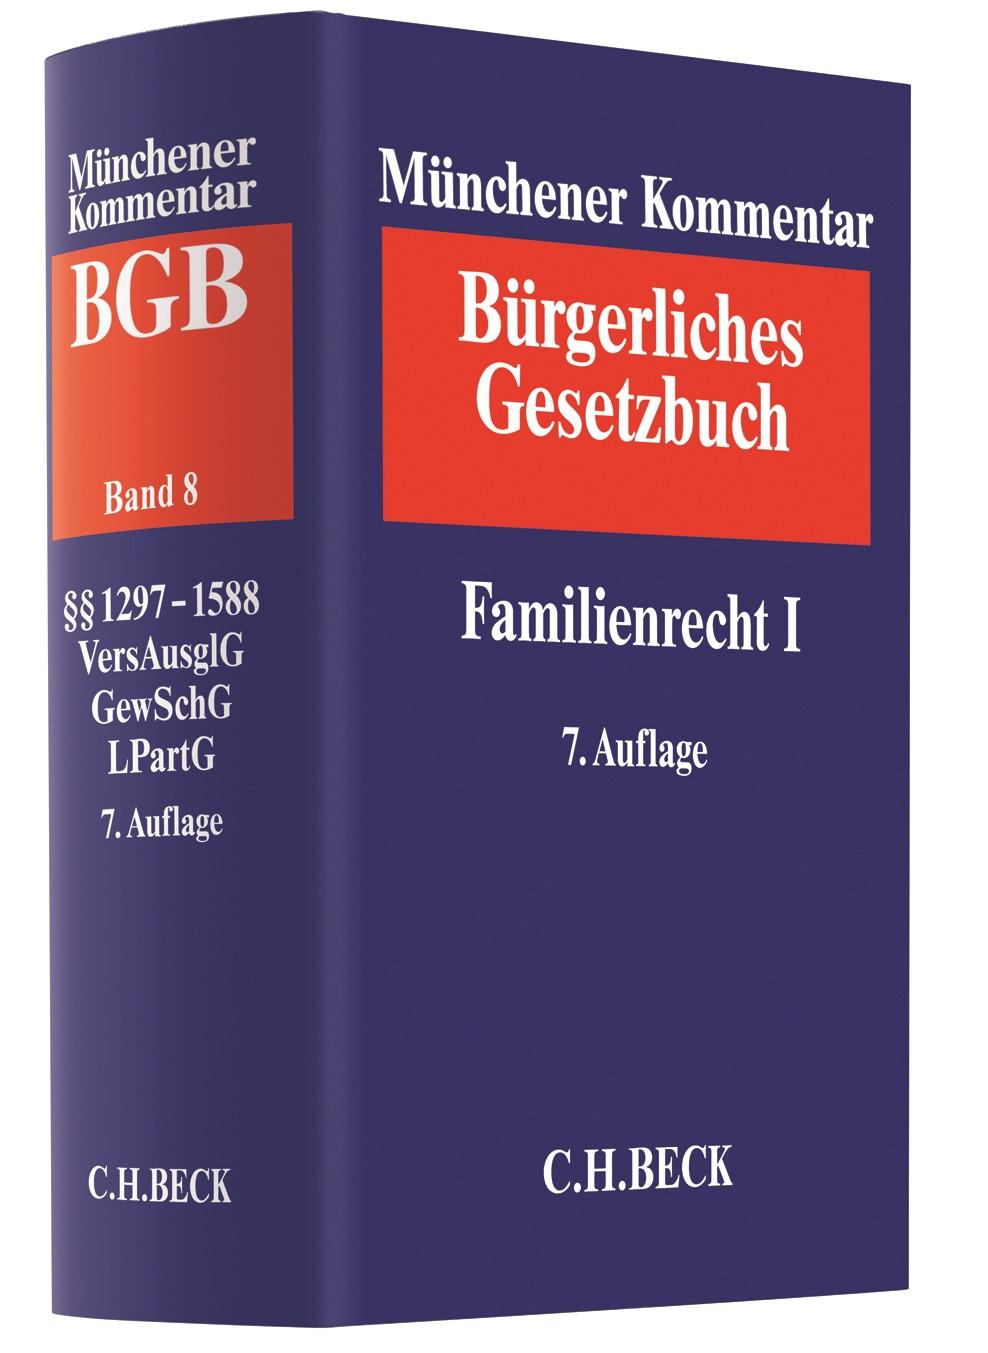 Münchener Kommentar zum Bürgerlichen Gesetzbuch: BGB, Band 8: Familienrecht I §§ 1297-1588 Versorgungsausgleichsgesetz, Gewaltschutzgesetz, Lebenspartnerschaftsgesetz | 7. Auflage, 2016 | Buch (Cover)